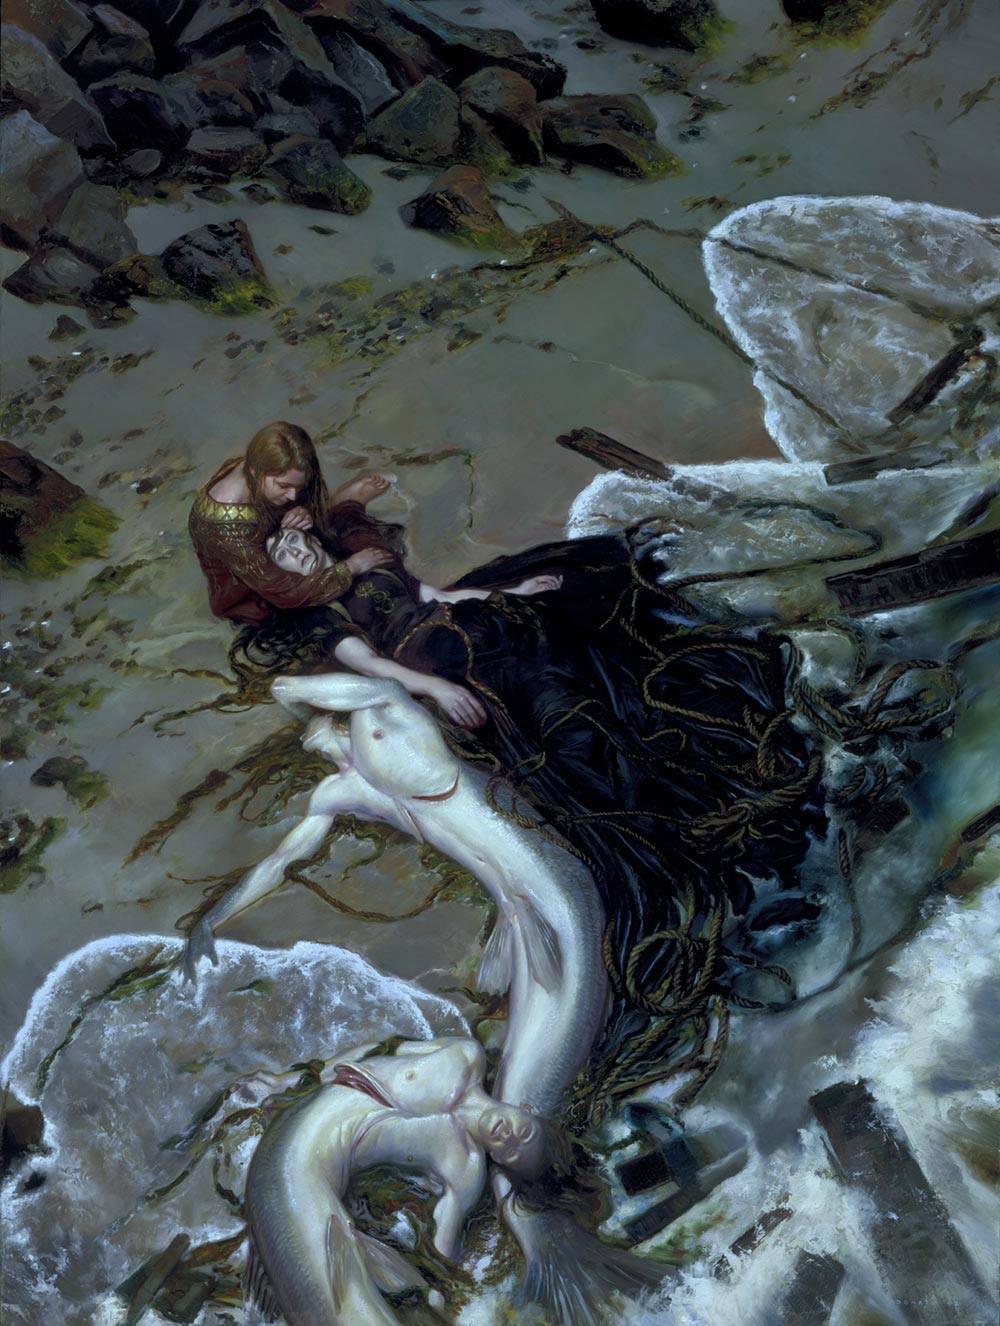 The Golden Rose, de Donato Giancola, 2007